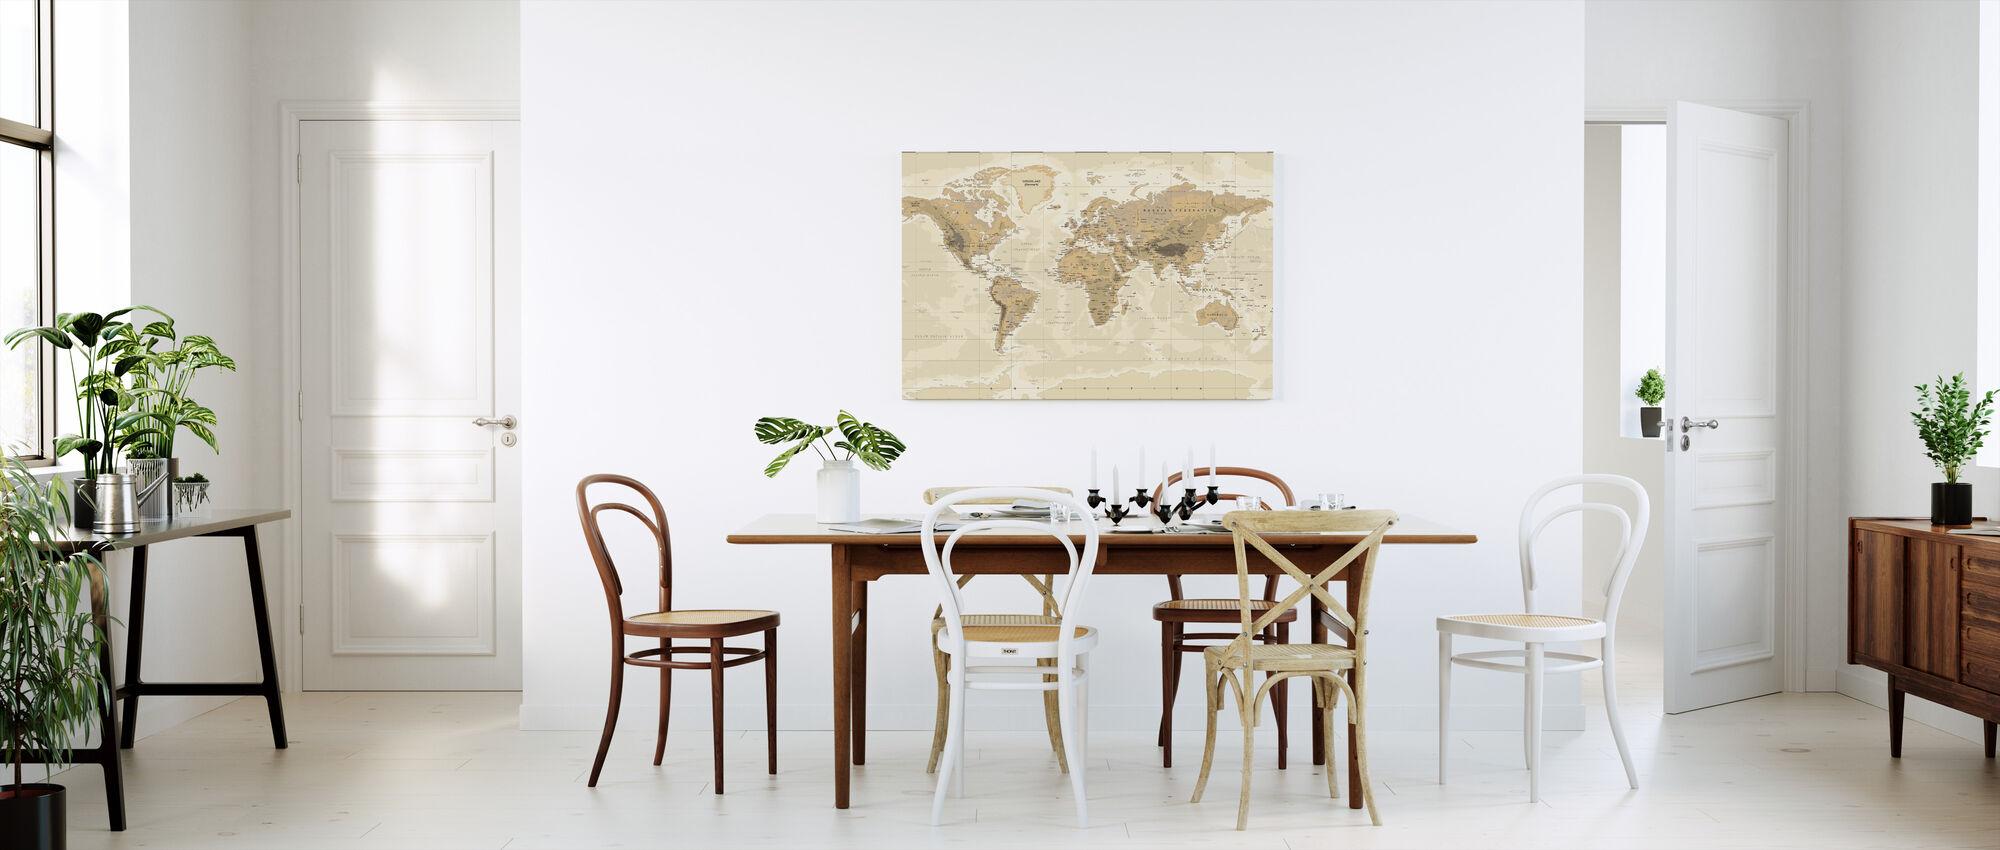 Carte du monde Beige et Vert - Impression sur toile - Cuisine